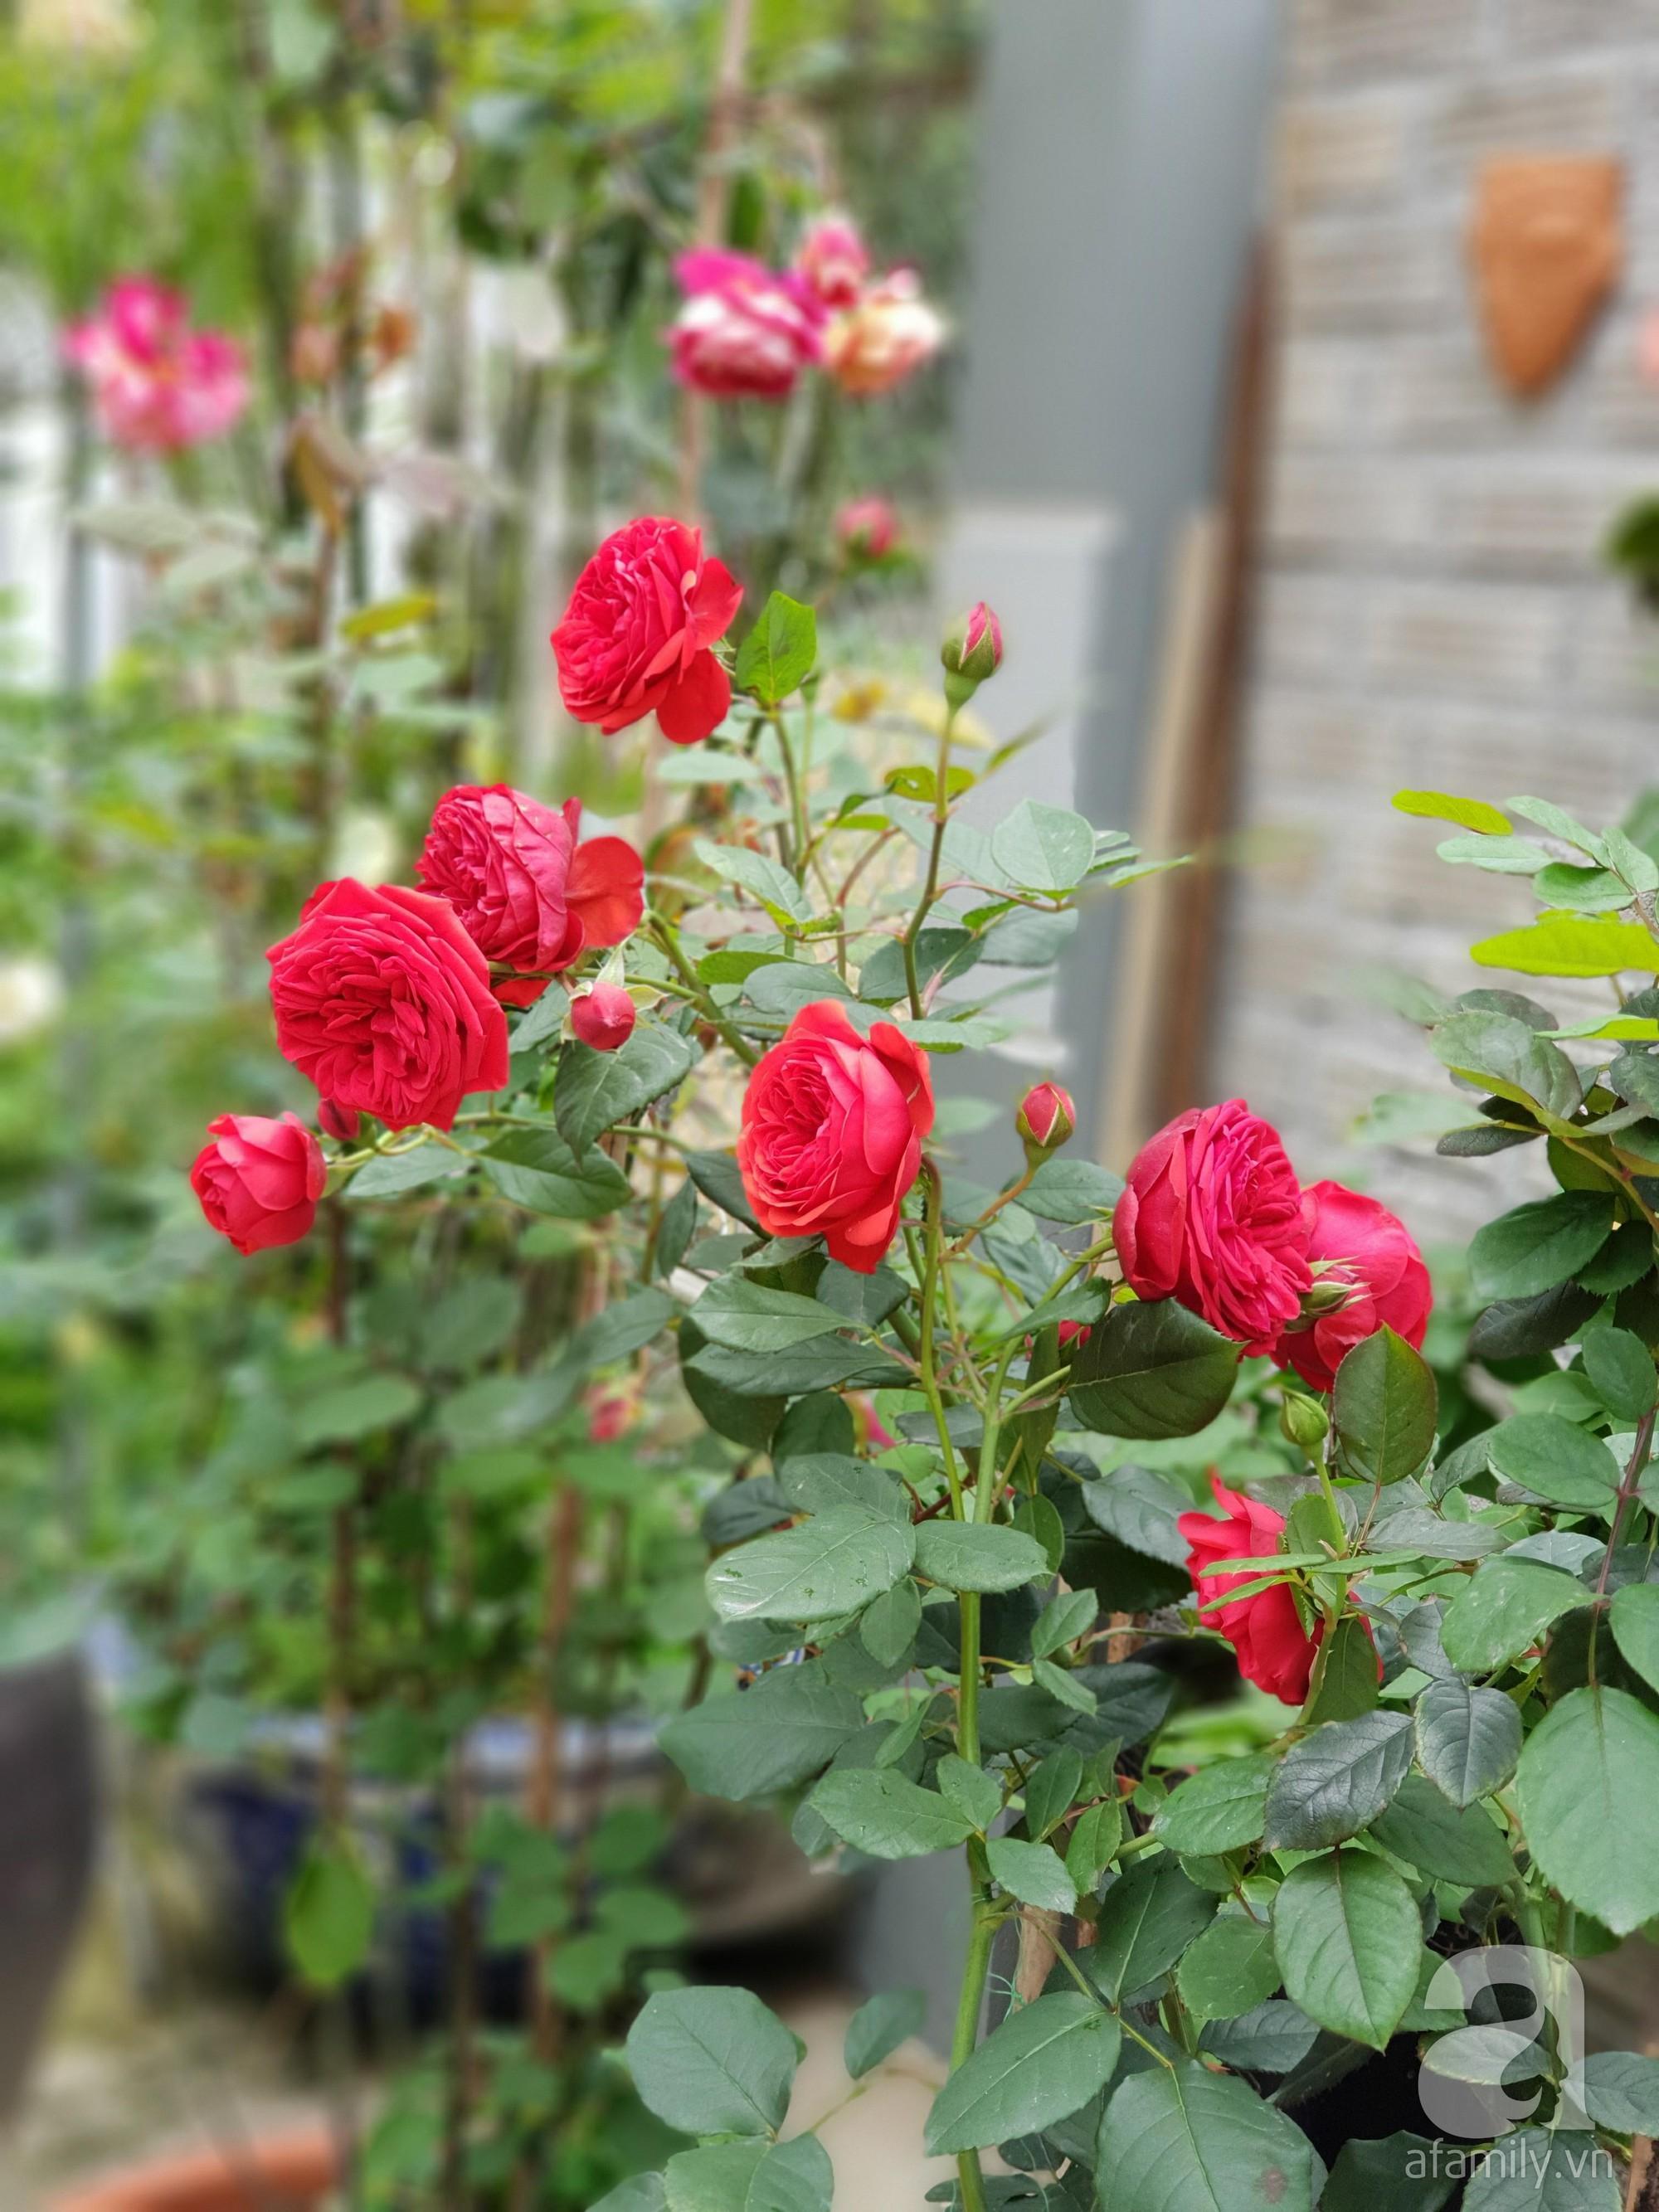 Ngôi nhà hoa hồng thơm ngát và rực rỡ với hàng trăm gốc hồng trên triền núi của cô giáo ở Cao Bằng - Ảnh 8.